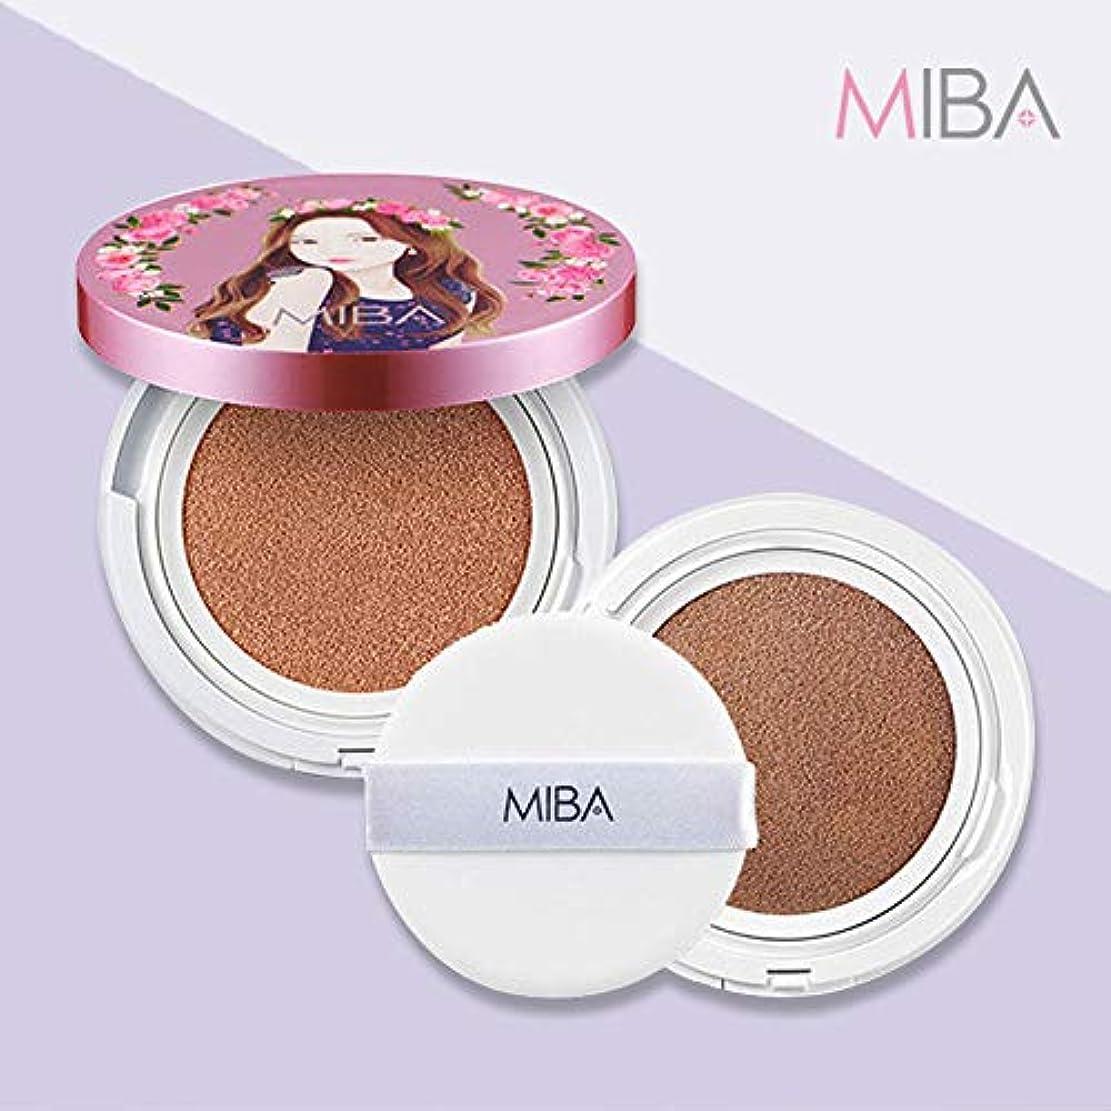 アジア人物質おなかがすいた【mineralbio】 MIBA ミバ イオンカルシウム ミネラルファンデーション ダブルクッション 本品+リフィル+パフ2枚 SPF50+/PA++++ 普通肌用 (Ion Calcium Foundation Double Cushion set 24g #23 Natural skin)